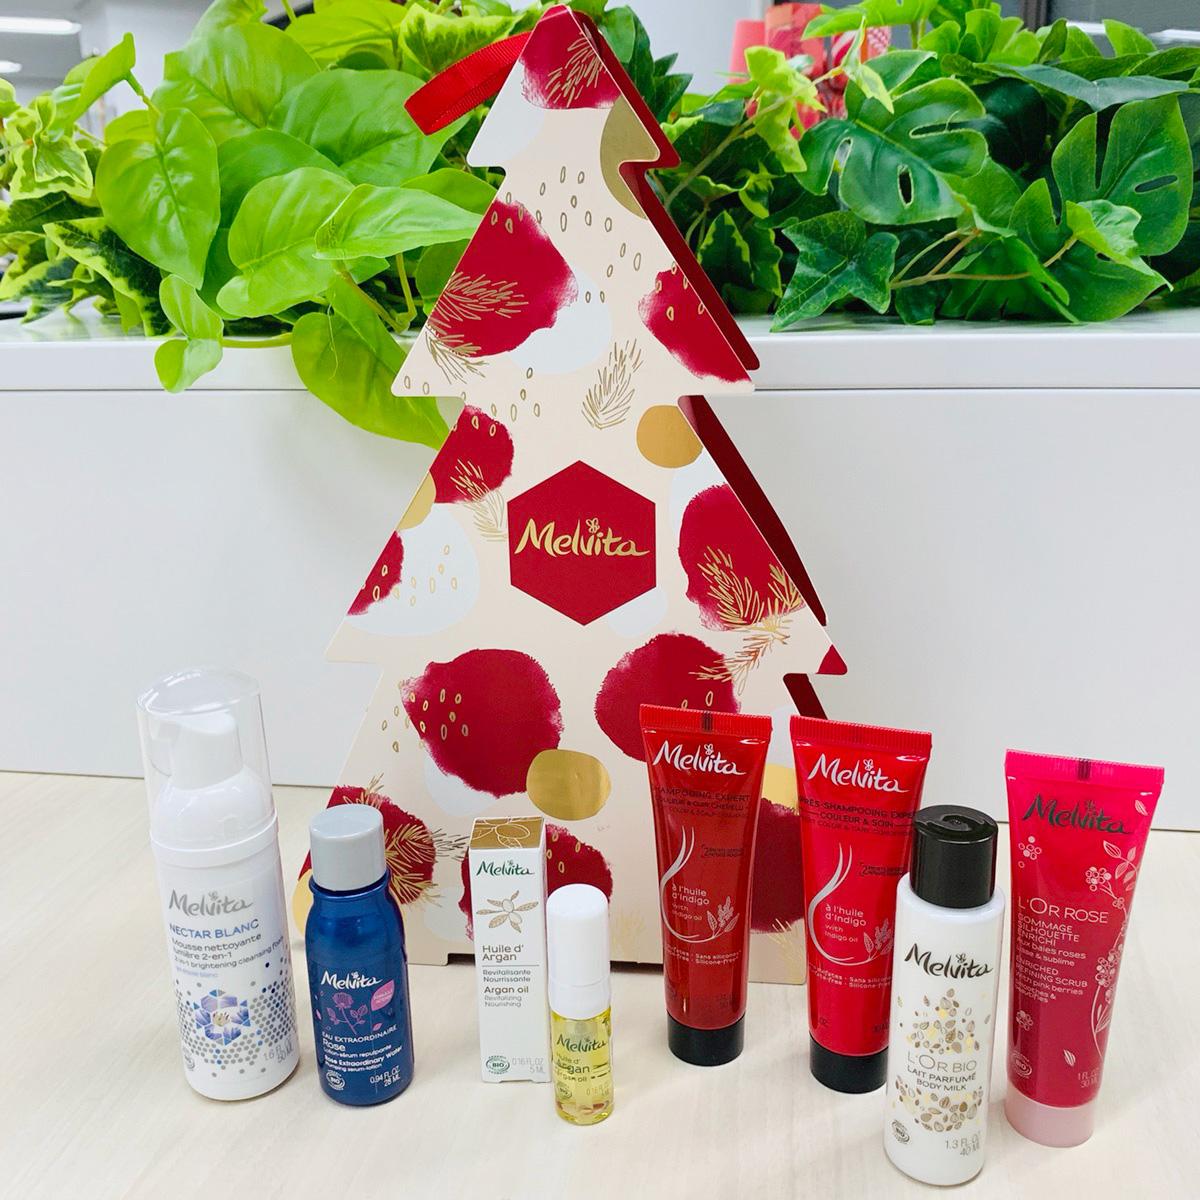 『メルヴィータ』初のクリスマス限定アドベントBOXが登場! 多忙な時期こそ、自然の恵みで全身ケア #金曜日の肌投資コスメ